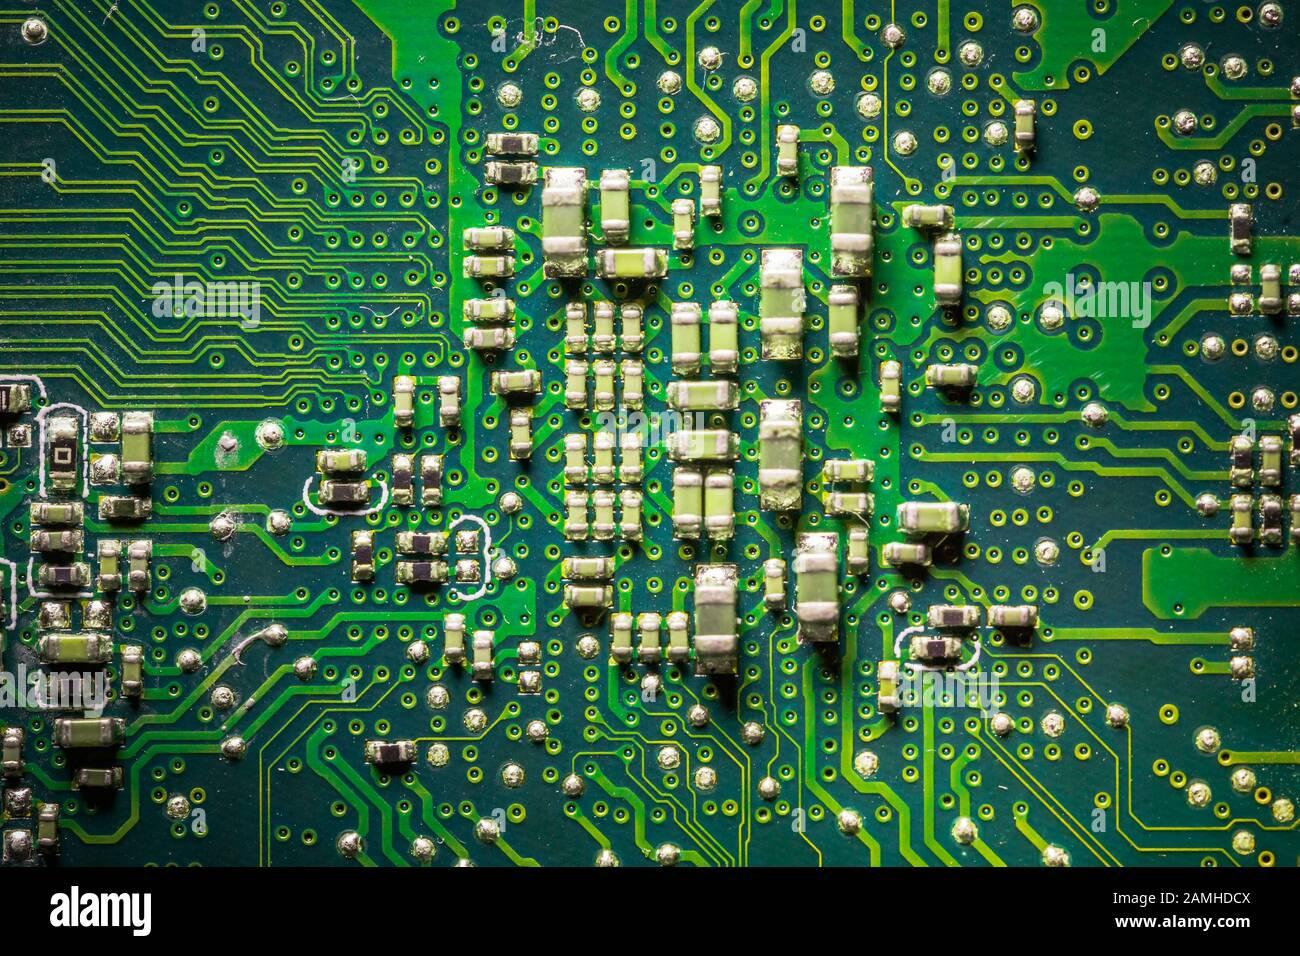 Carte de gros plan avec micro-puces provenant d'un appareil électrique ou d'un ordinateur. Concept de technologie moderne. Concept d'électronique et de micropuces. CMS Banque D'Images